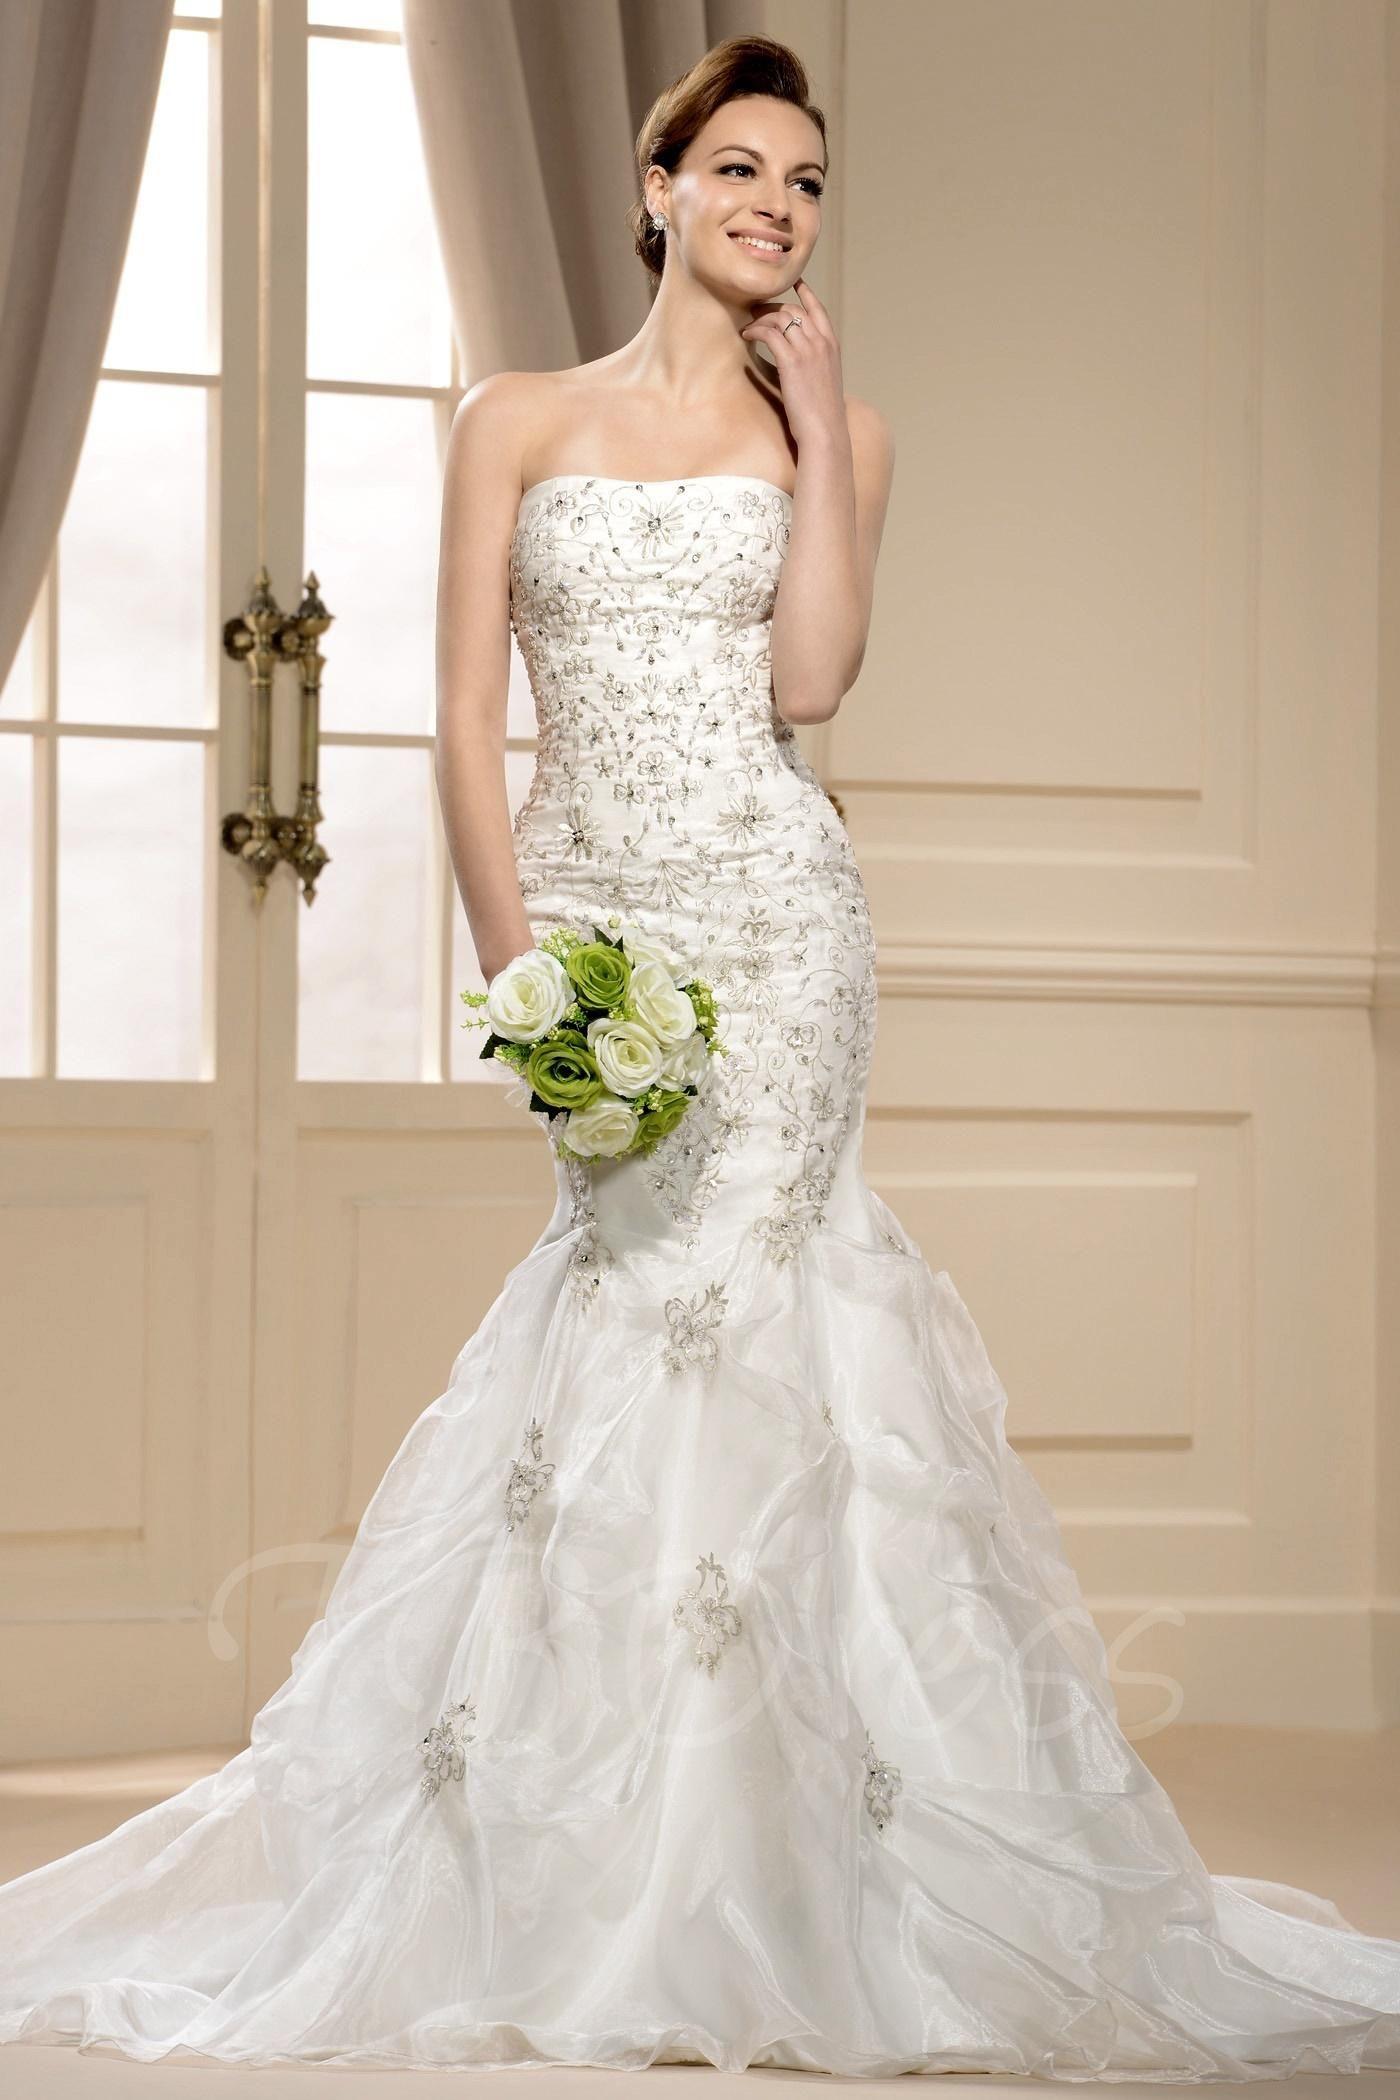 Cheap unique wedding dresses  TBDress  TBDress Gorgoues Mermaid Strapless Chapel Train Appliques